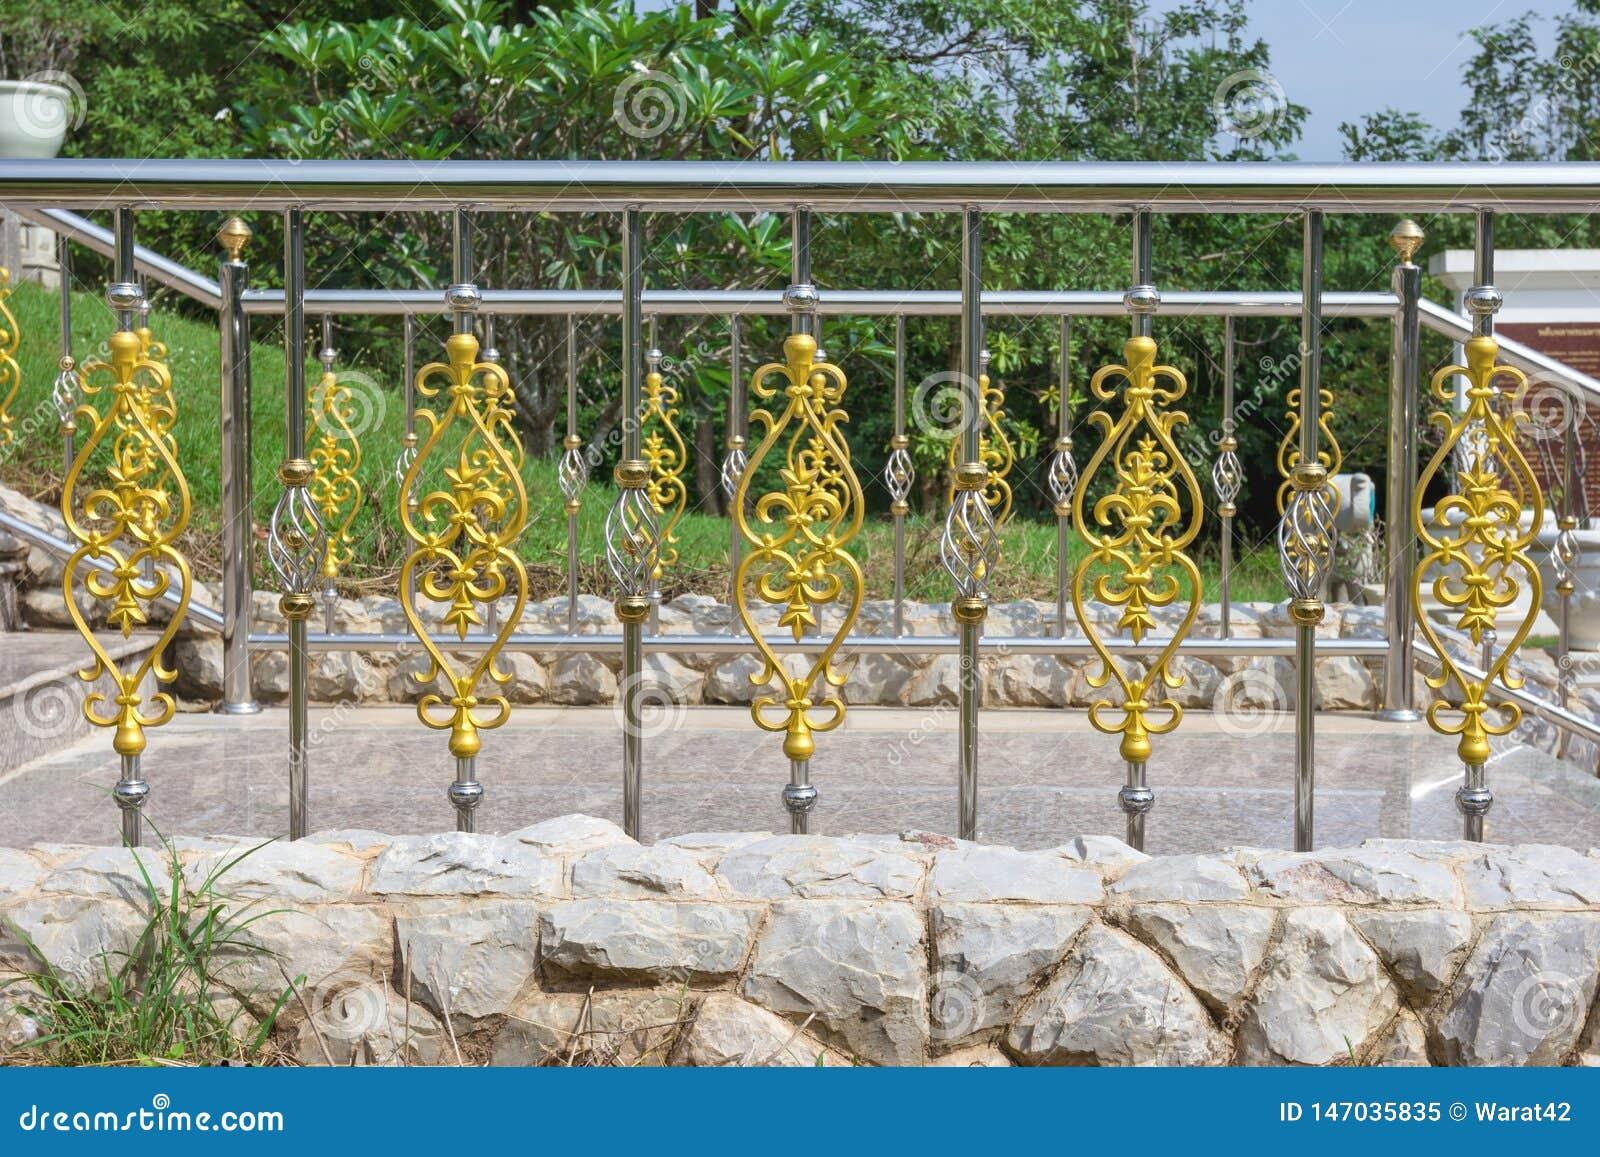 Rostfritt staket med prydnaden av guld